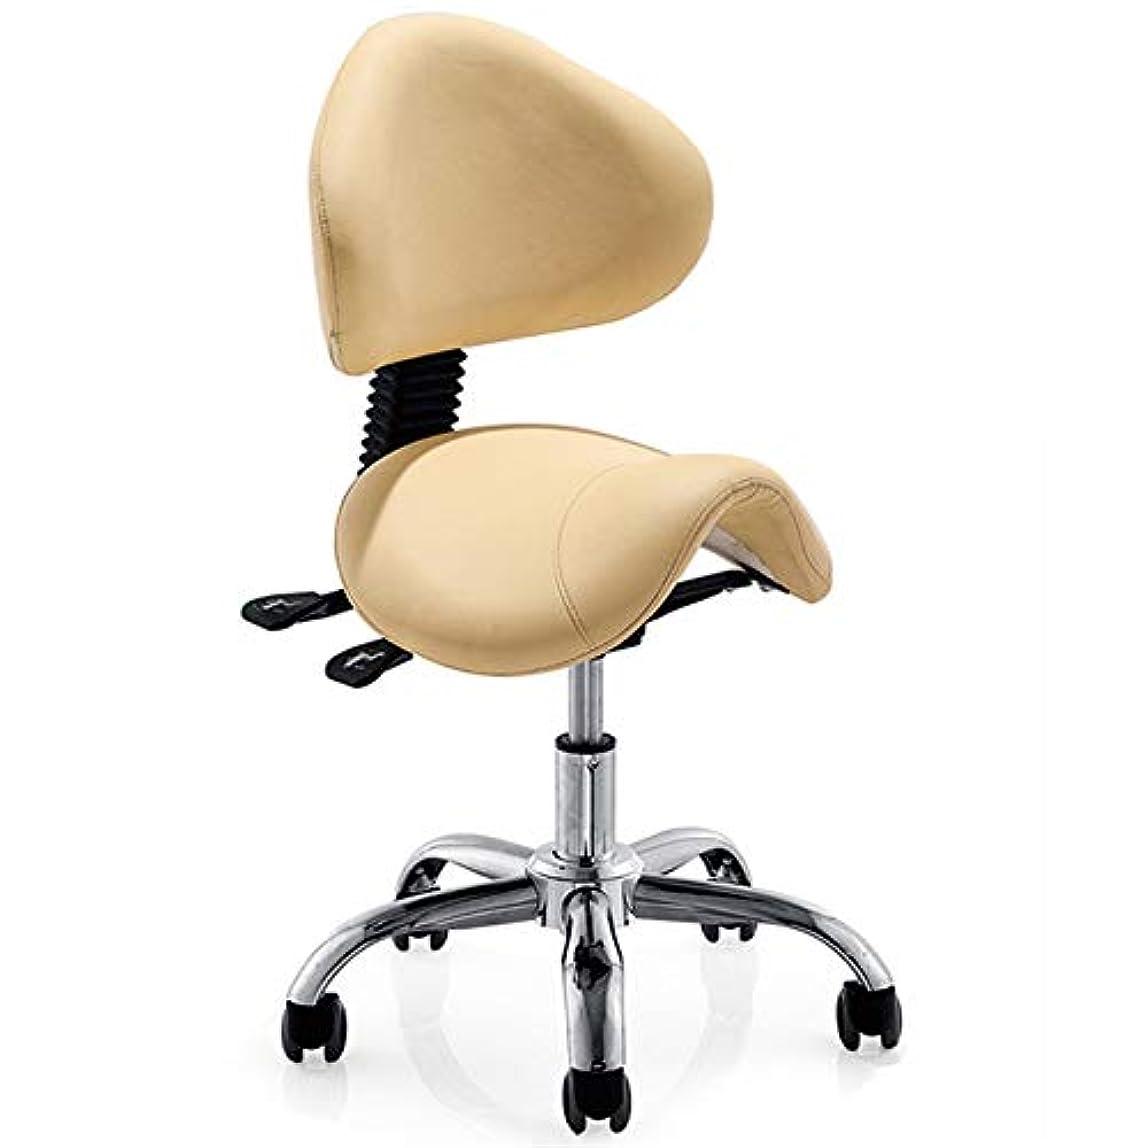 サラミ白菜講義サロンチェア油圧理髪店チェアサロンスパモデリングチェアファッションエレガントなデザイン回転可能な調節可能な高さ取り外し可能な背もたれ5ローラー,Yellow